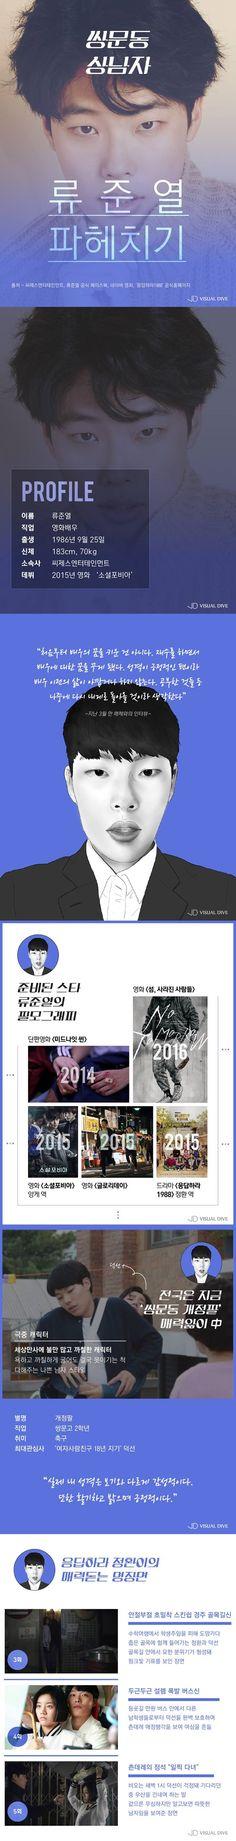 쌍문동 상남자 류준열, 그의 모든 것 [카드뉴스] #Drama / #Cardnews ⓒ 비주얼다이브 무단 복사·전재·재배포 금지